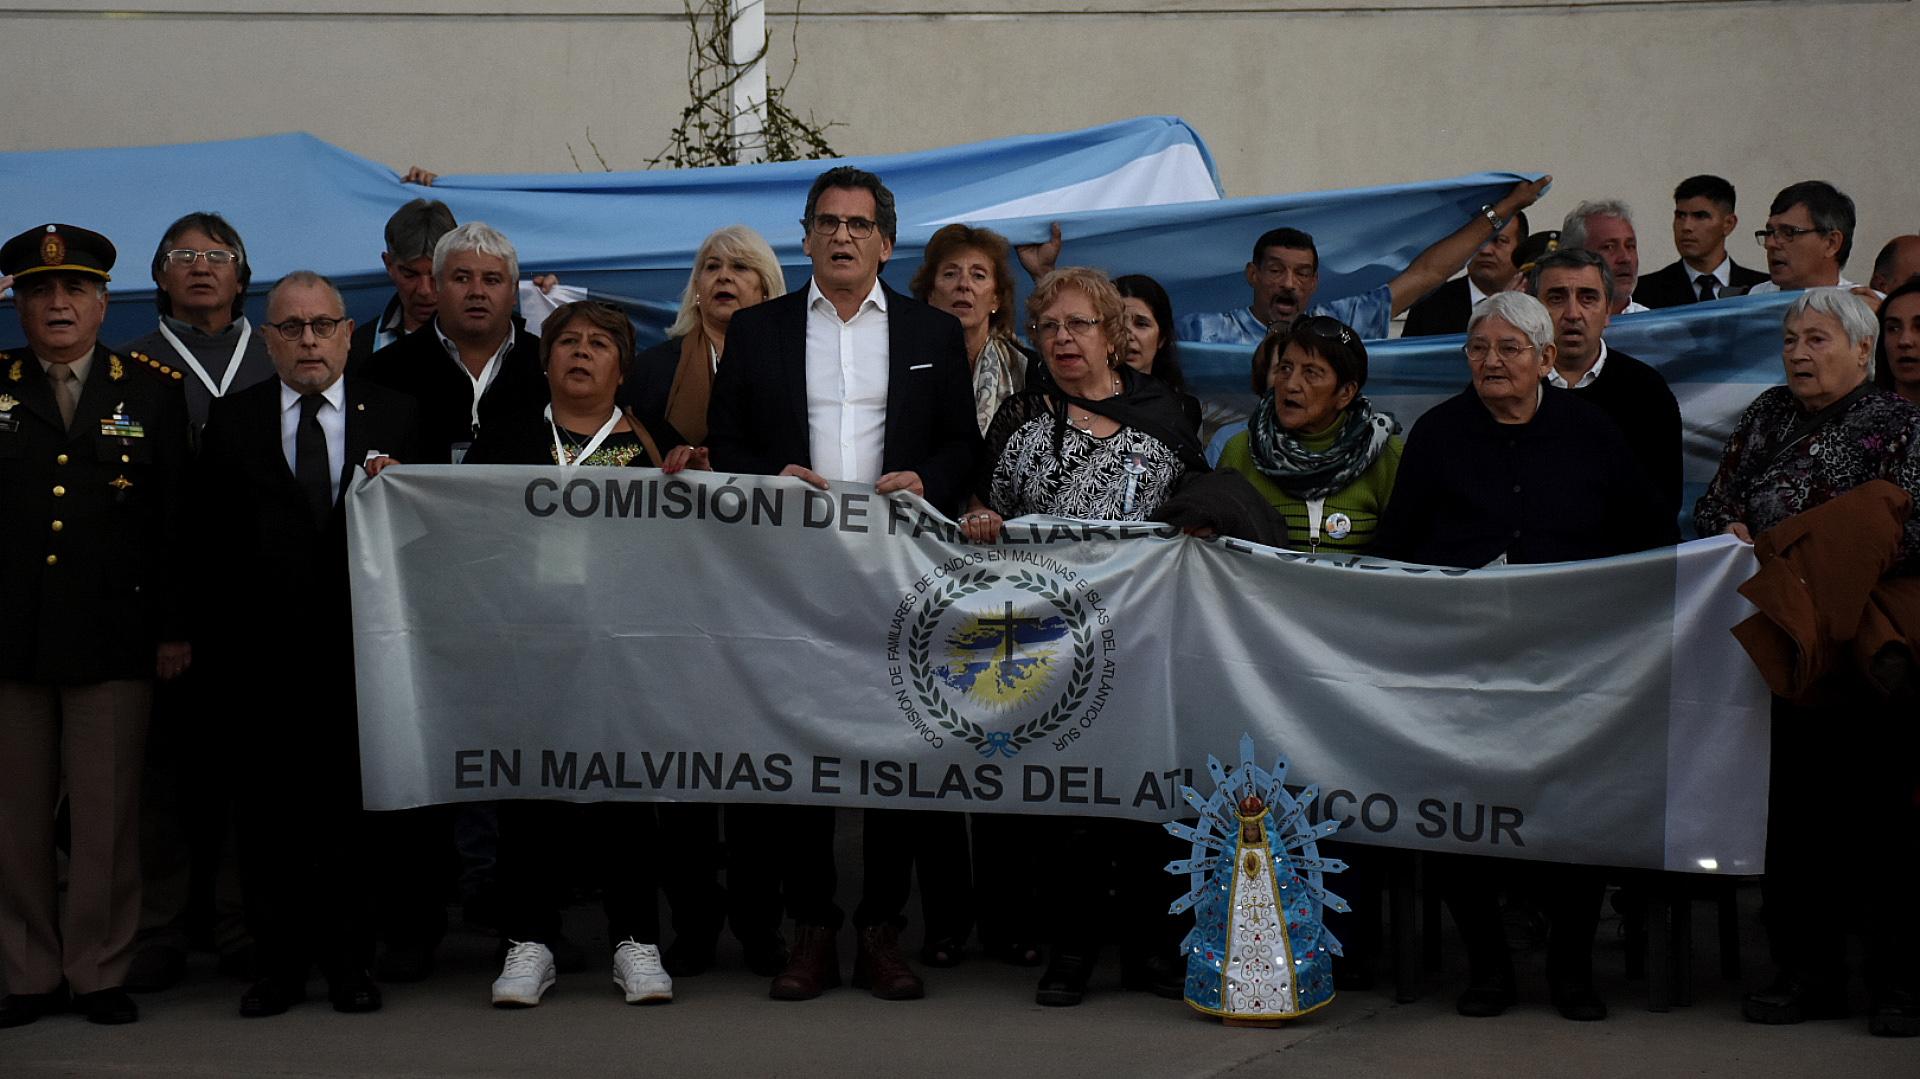 Durante la ceremonia de recepción, los presentes entonaron el Himno Nacional Argentino